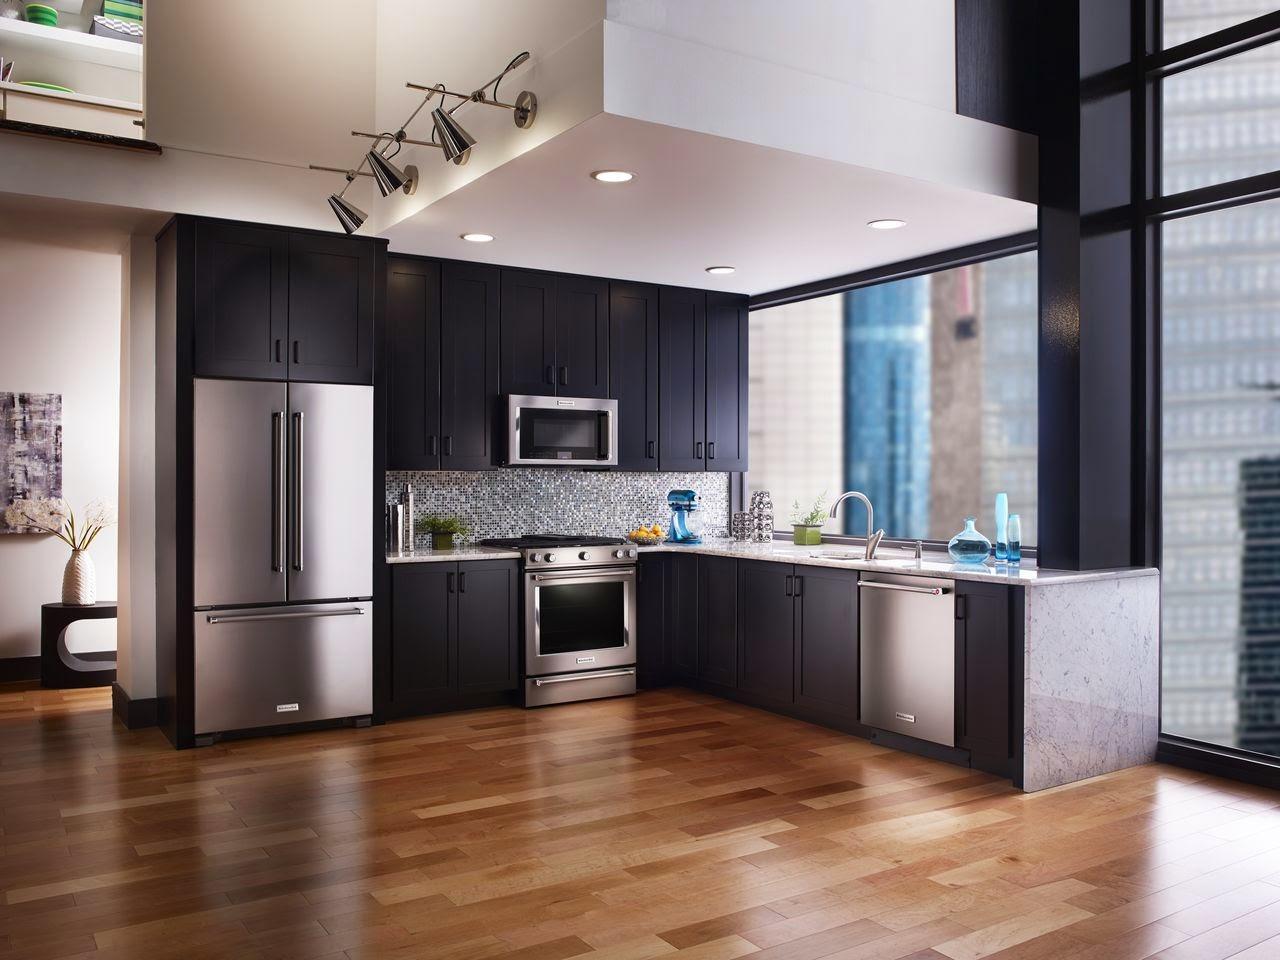 Kitchenaid Induction Stove